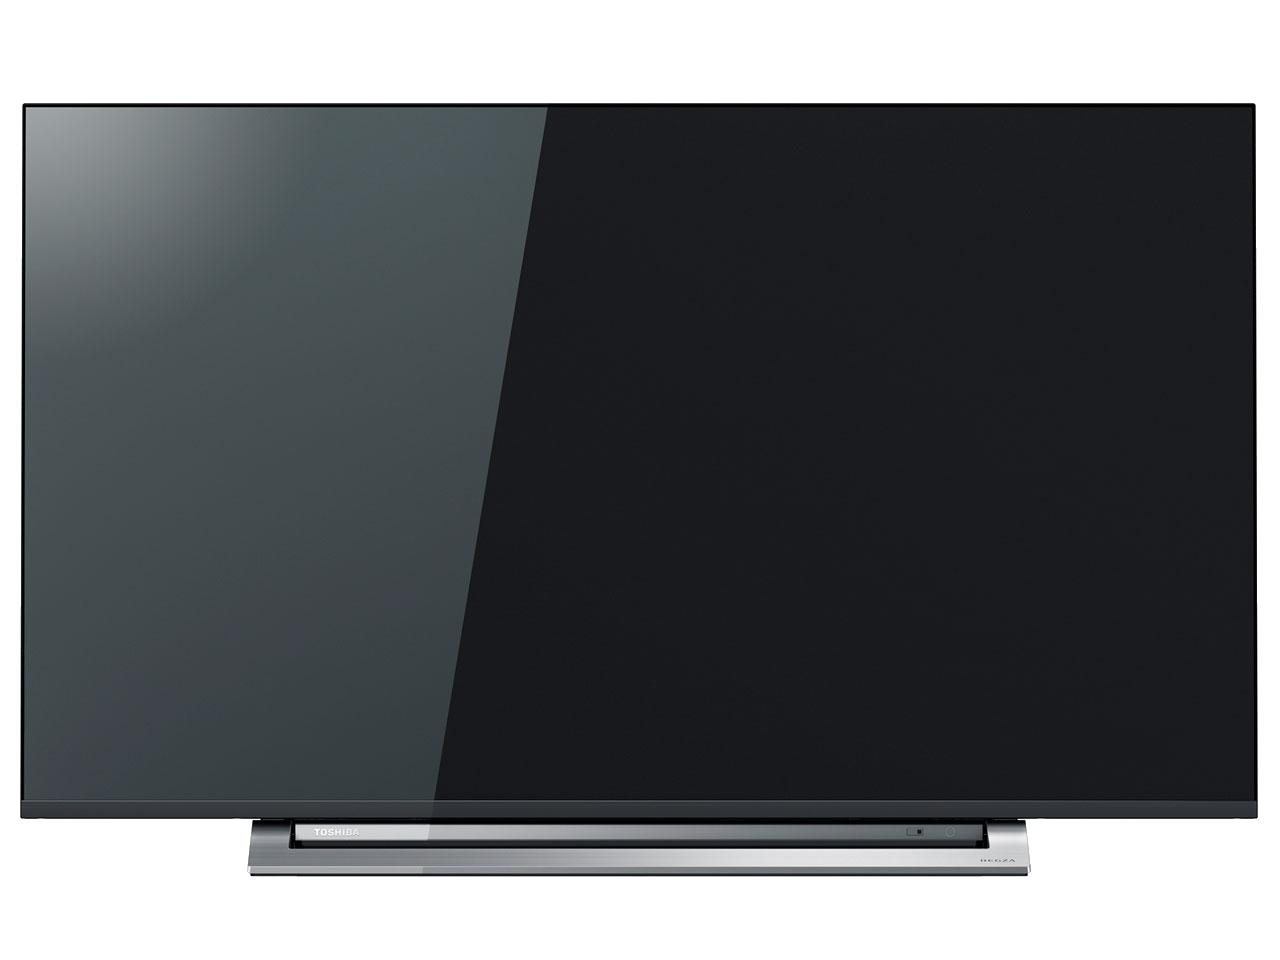 A賞:4K液晶テレビ REGZA 43M540X [43インチ]